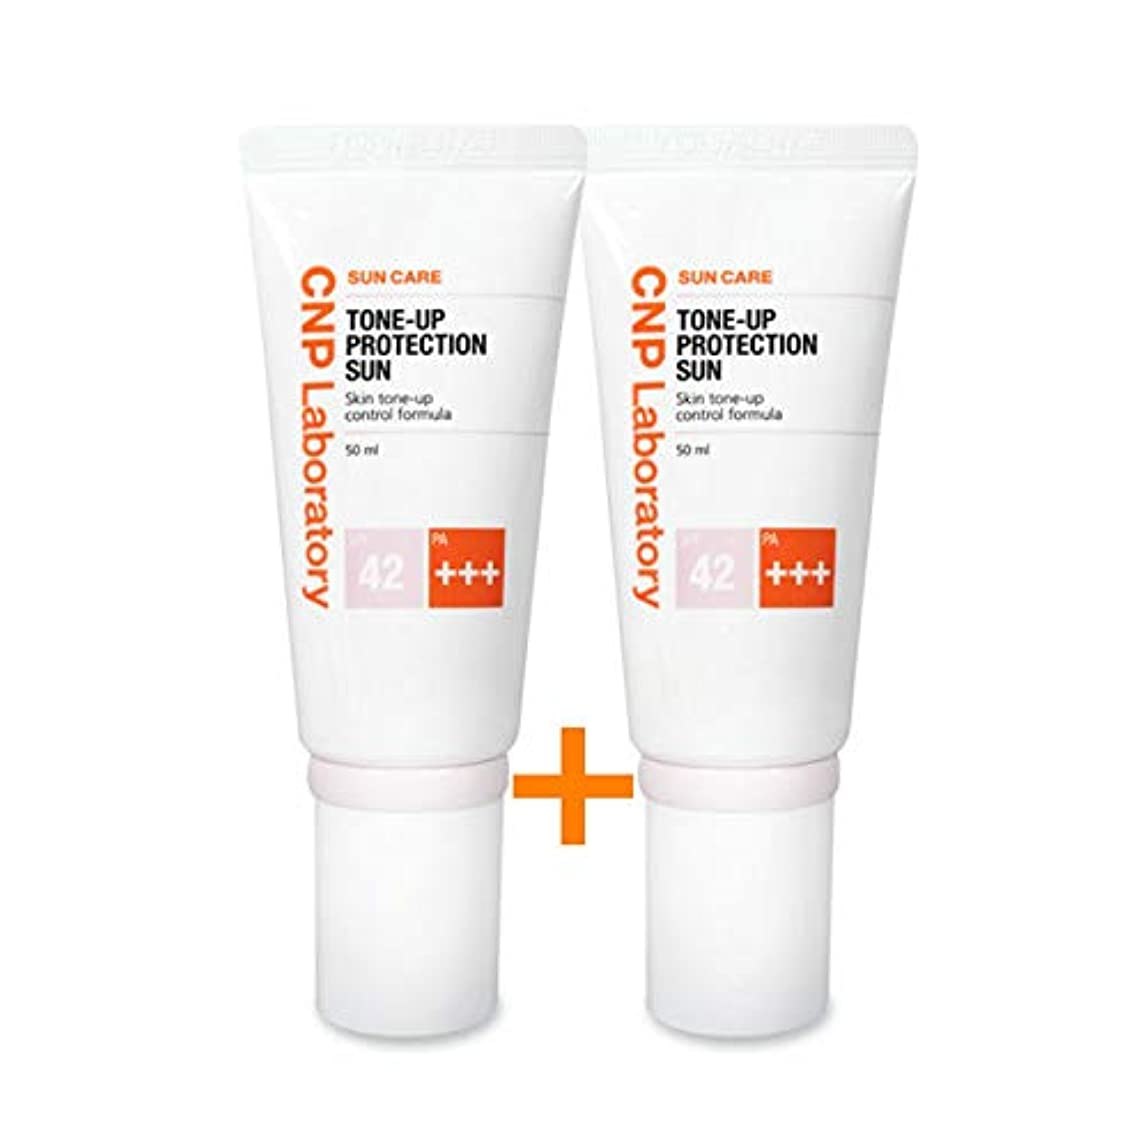 テナントスポーツをするデマンド[ 1 + 1 ] CNPトンオププロテクションサン?クリーム紫外線遮断剤 (SPF42 / PA+++) 50ml、CNP Tone-up Protection Sun Cream (SPF42 / PA+++) 50ml...